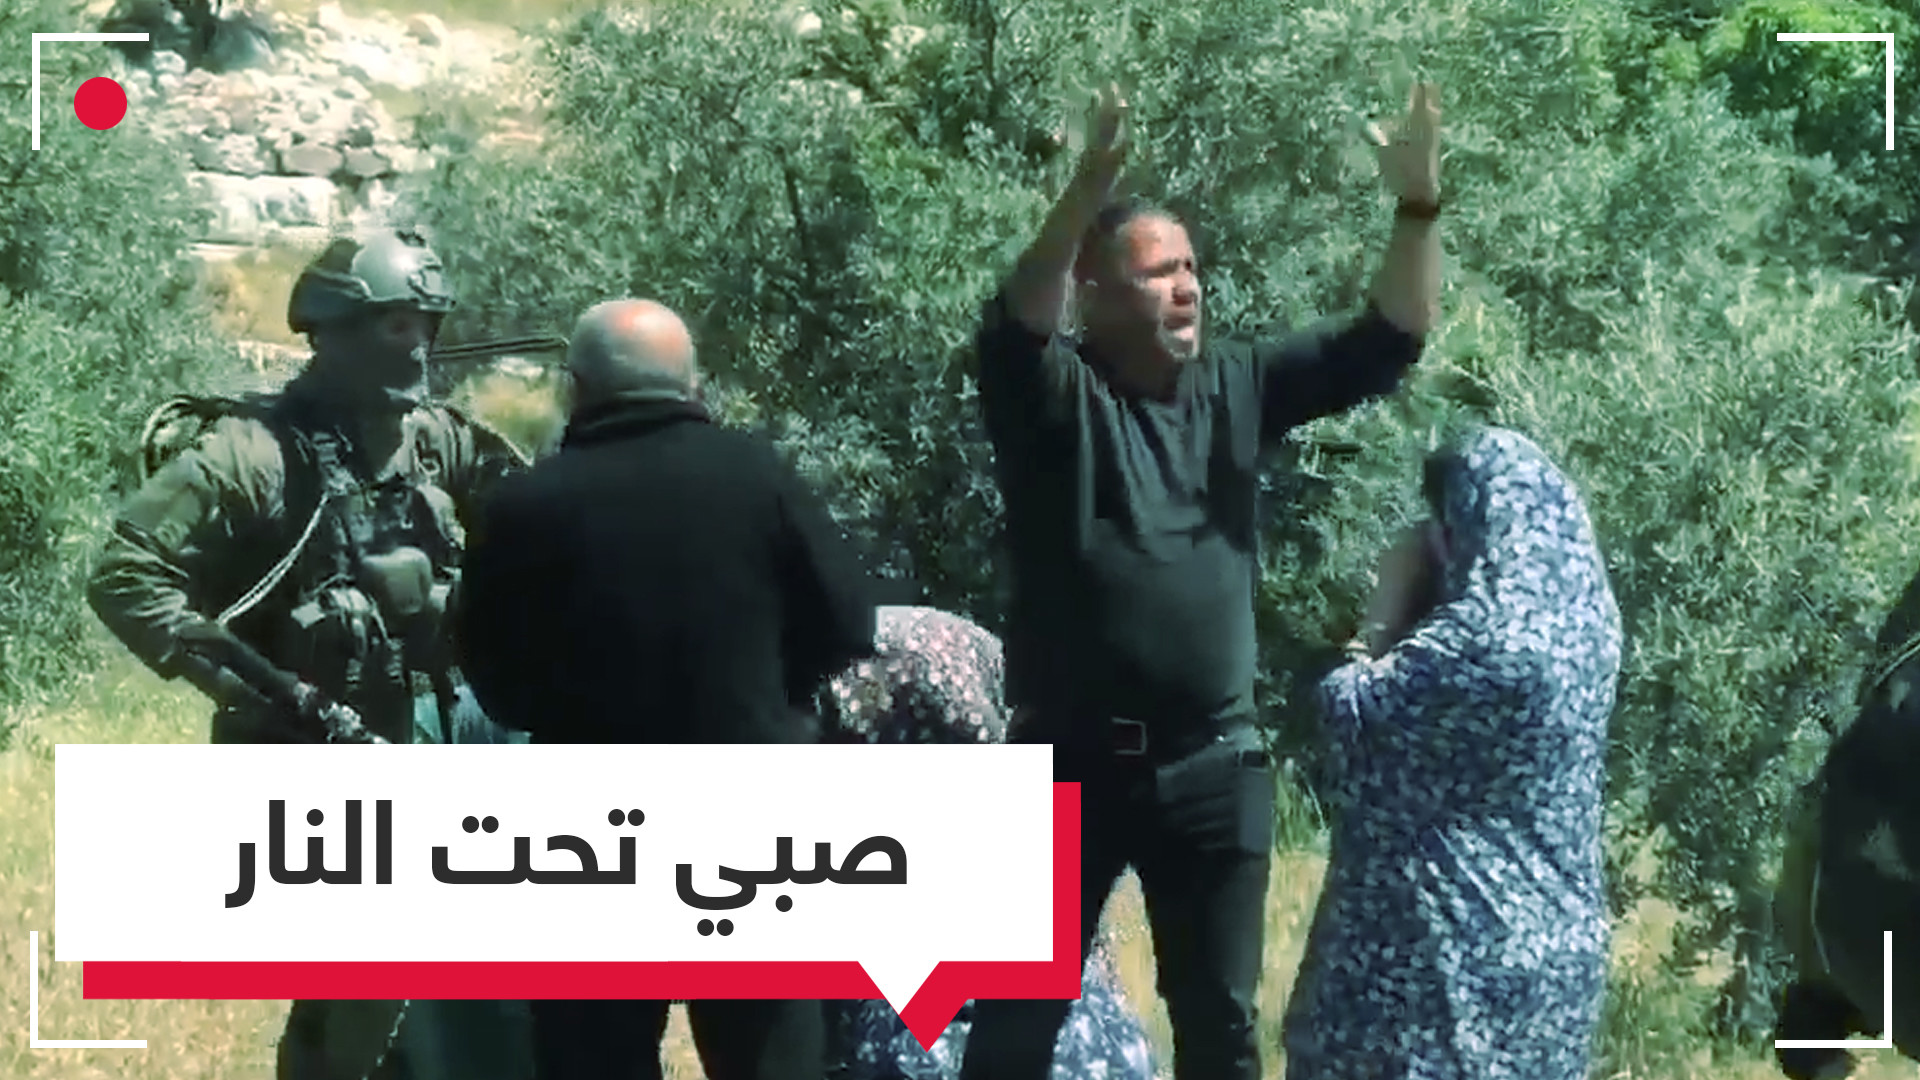 جنود إسرائيليون يطلقون النار على صبي فلسطيني معصوب العينين